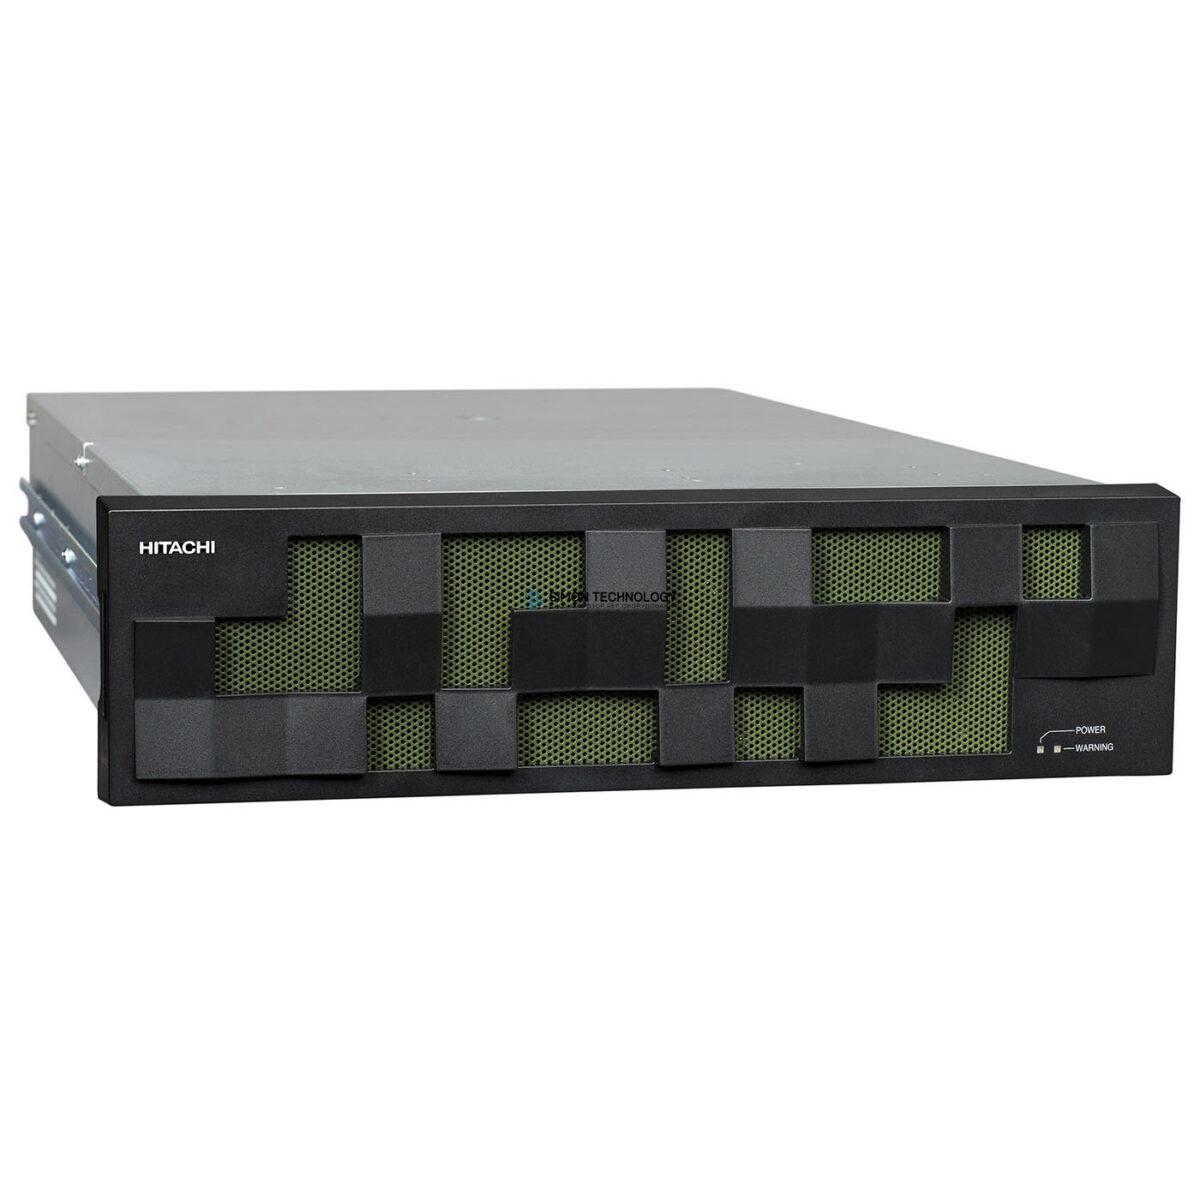 СХД HDS Hitachi NAS 4100 Base Unit (SX315085-01)